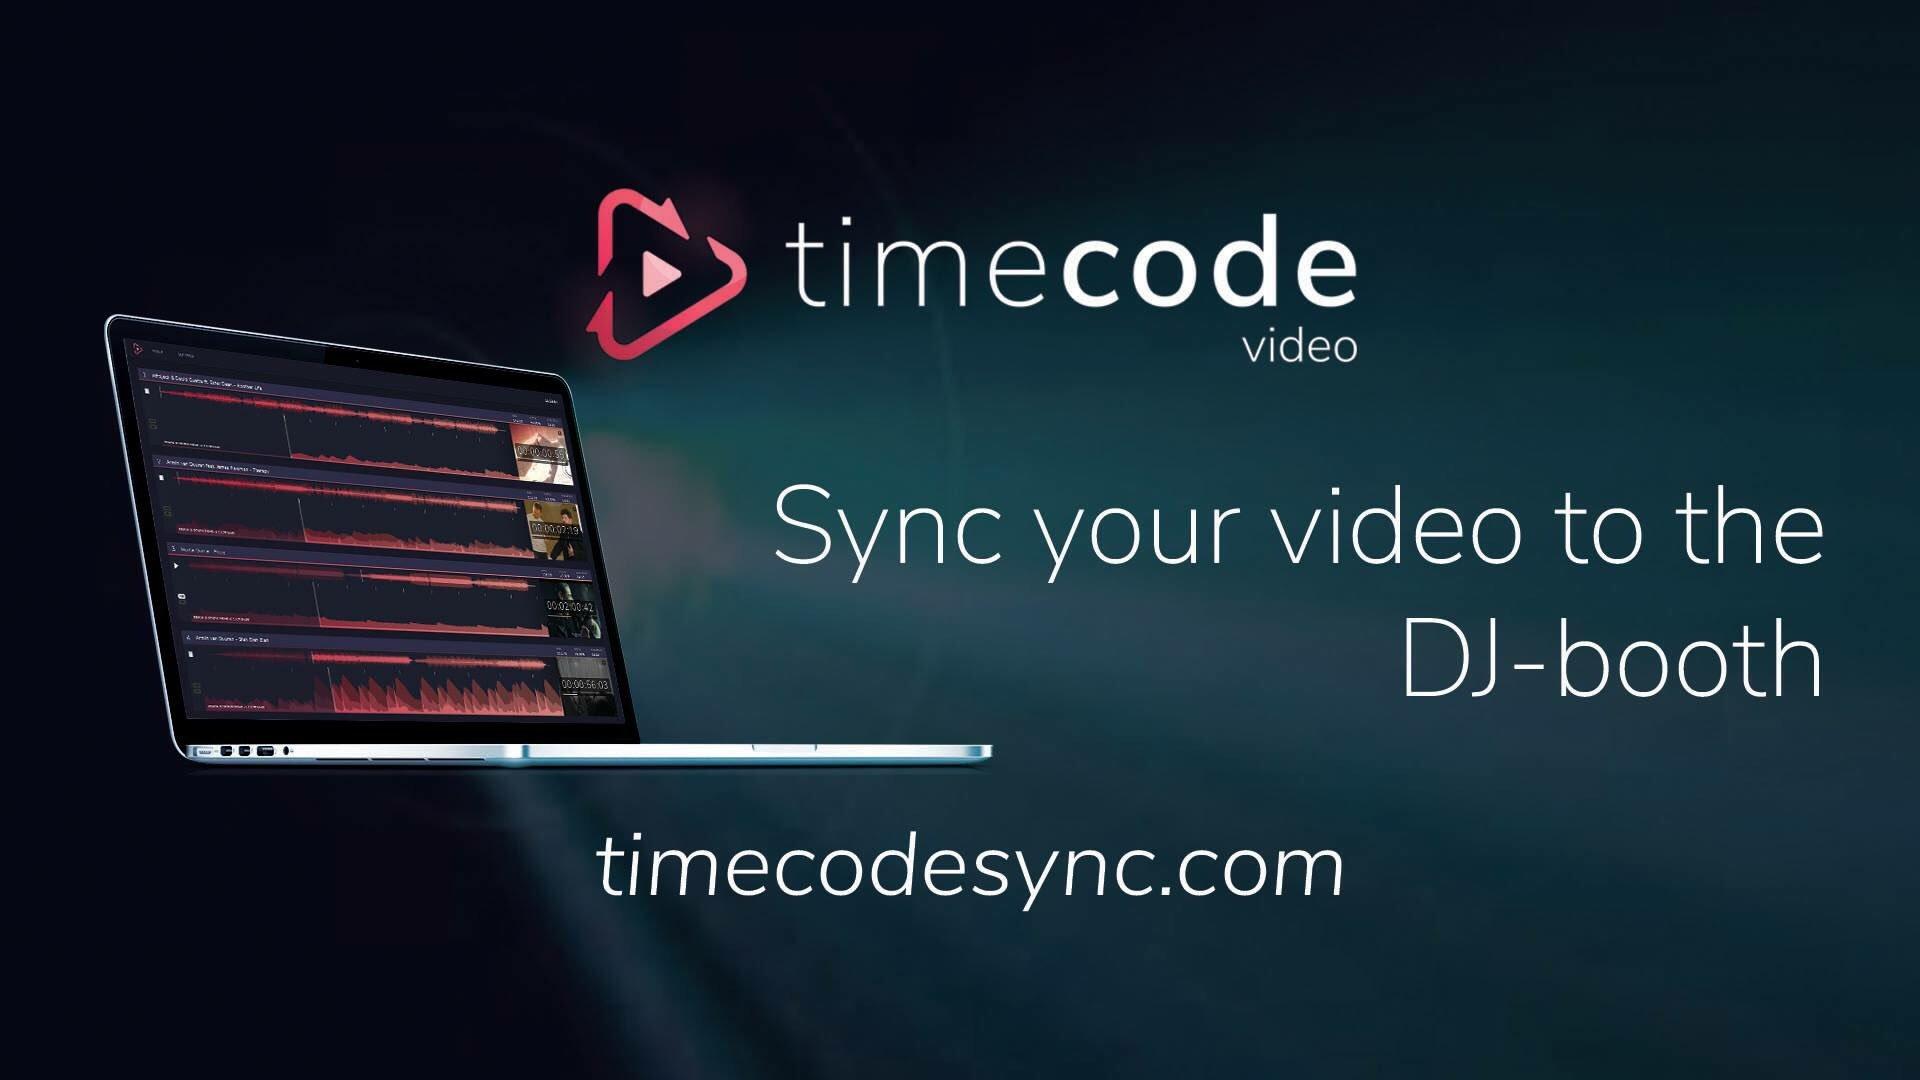 timecodesync on Twitter: